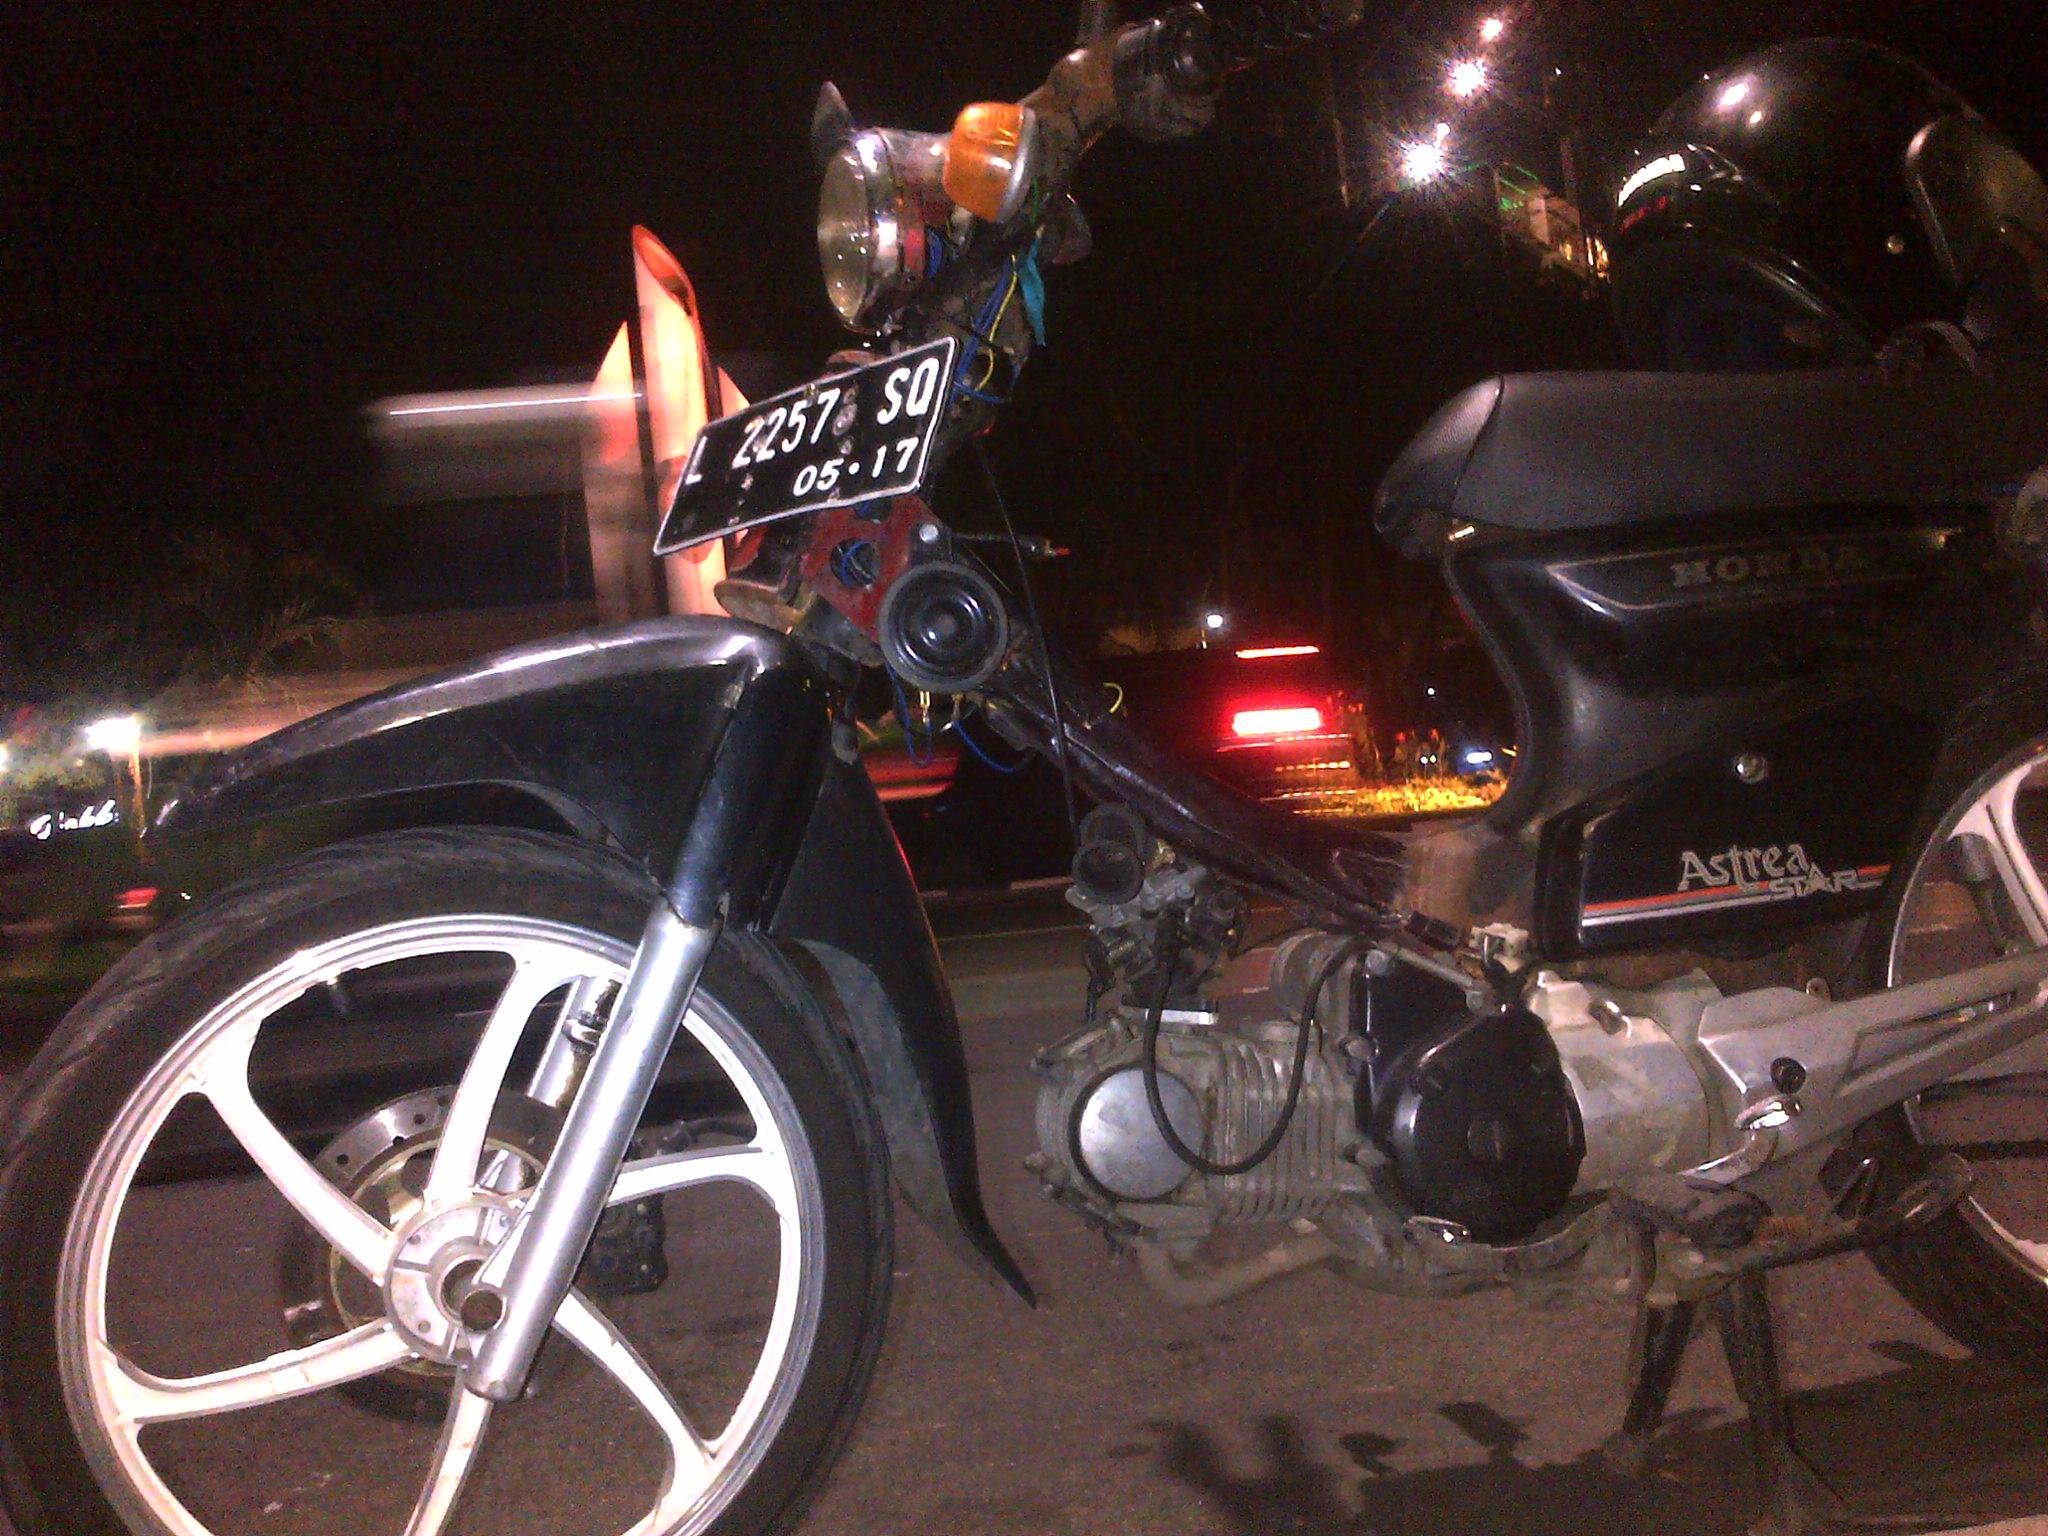 Honda Community Bingung Dengan Wiring Diagram Motor Anda Check It Motorcycle Out